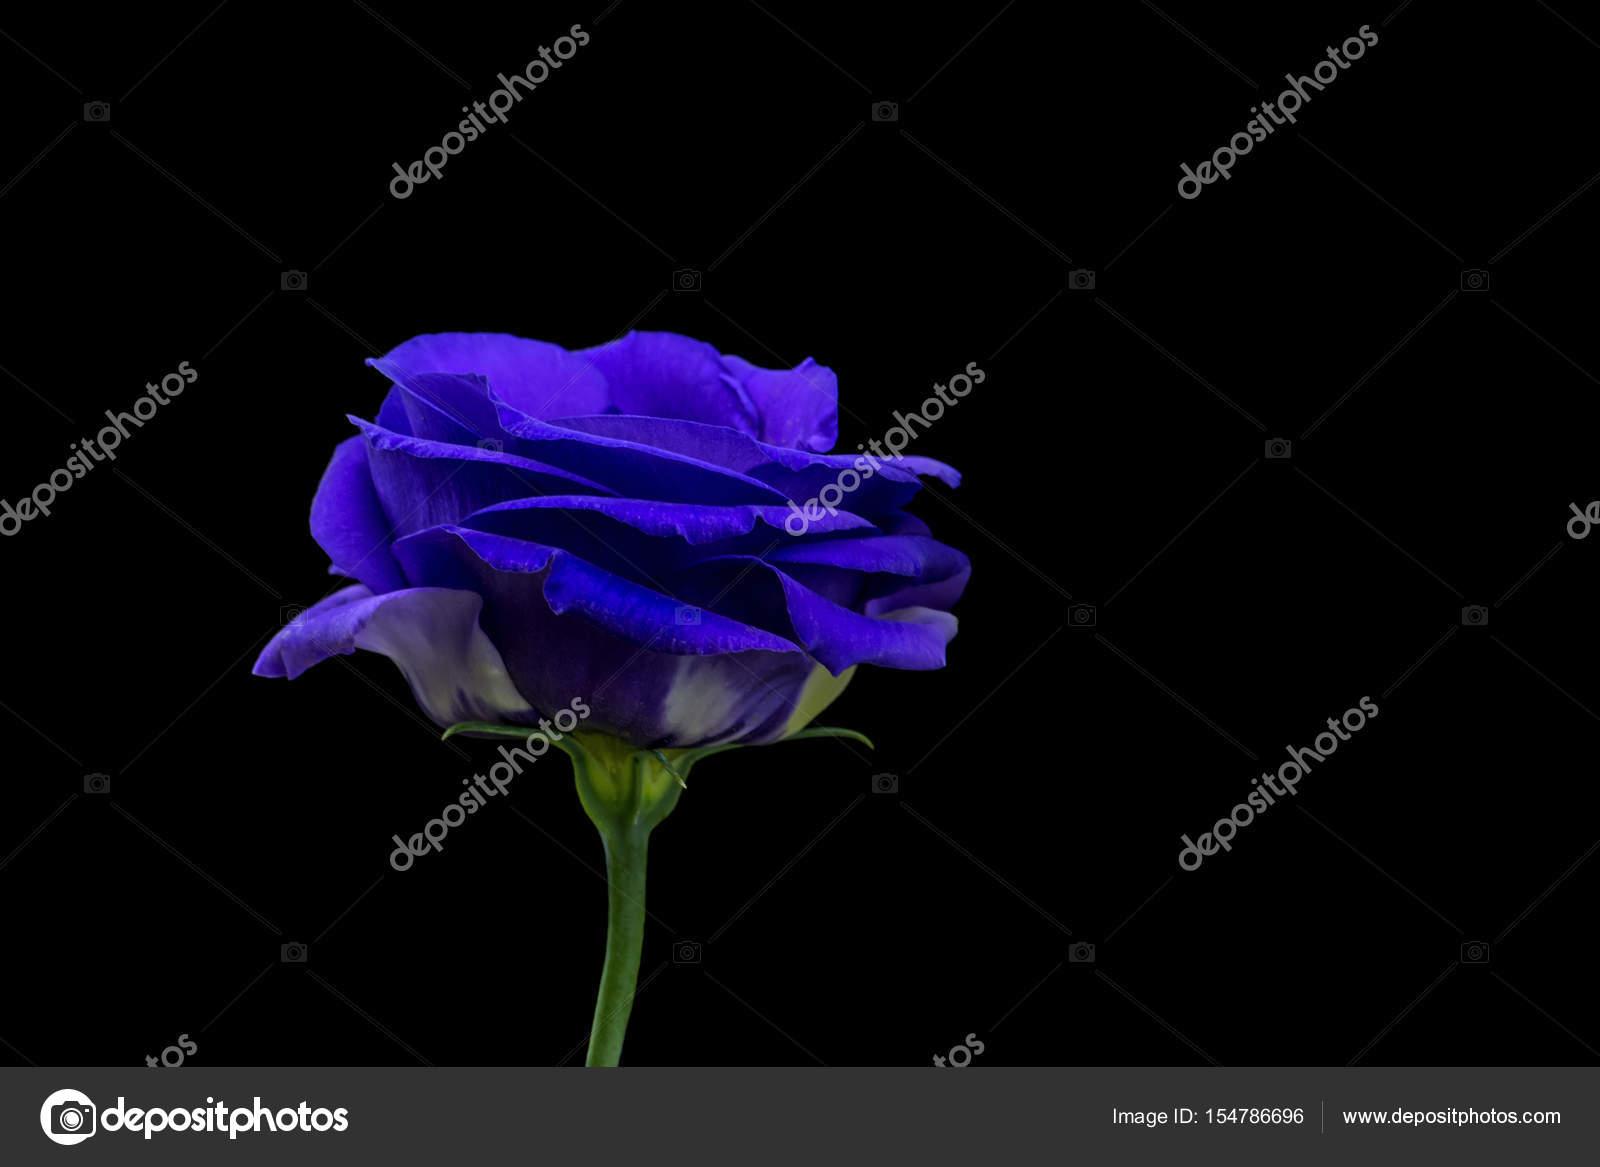 Belle Image Rose Bleu belle rose bleu sur fond noir — photographie artavet © #154786696